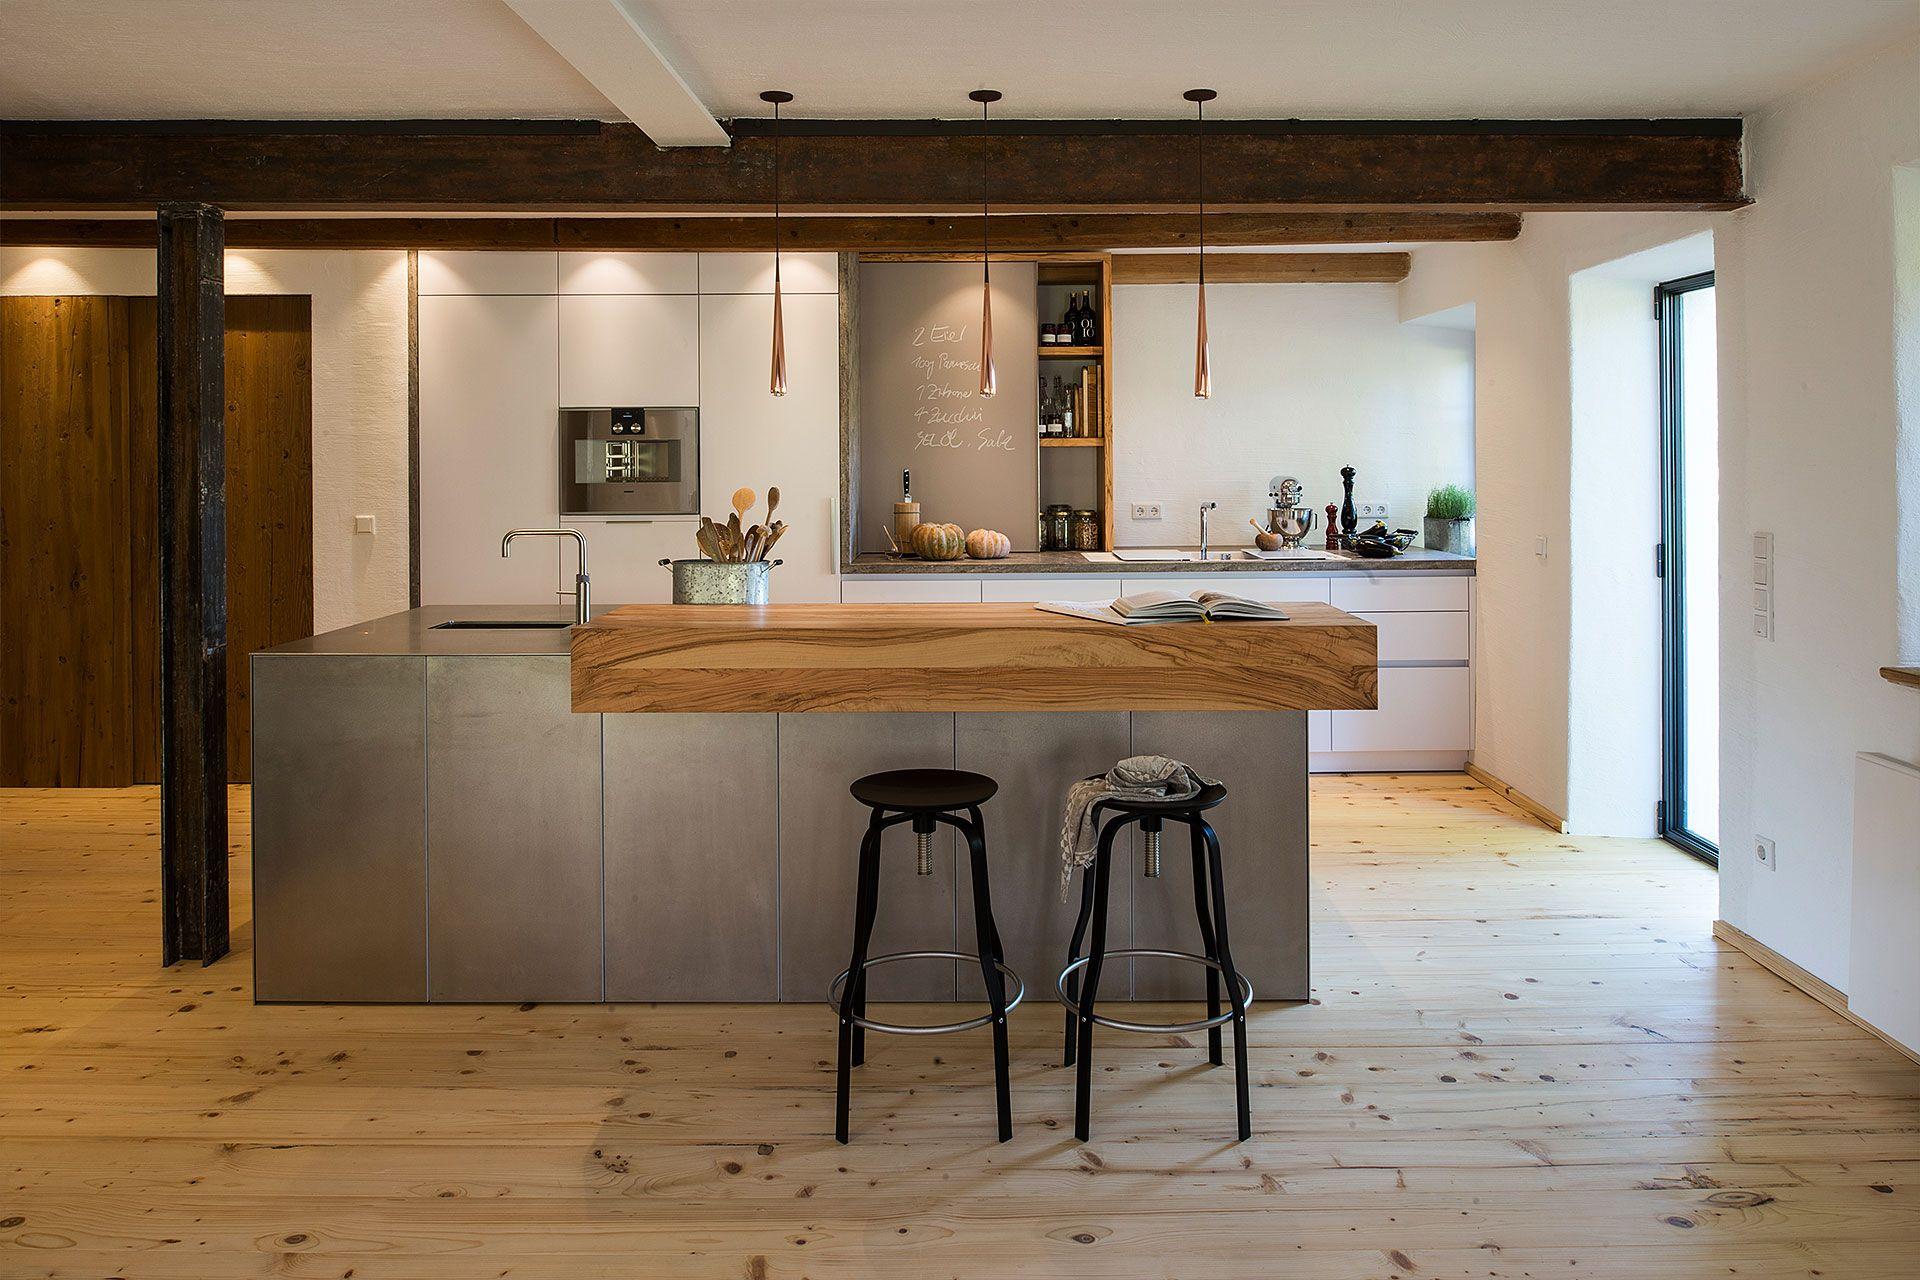 wohnküche landhaus | kulpandassoc, Hause ideen